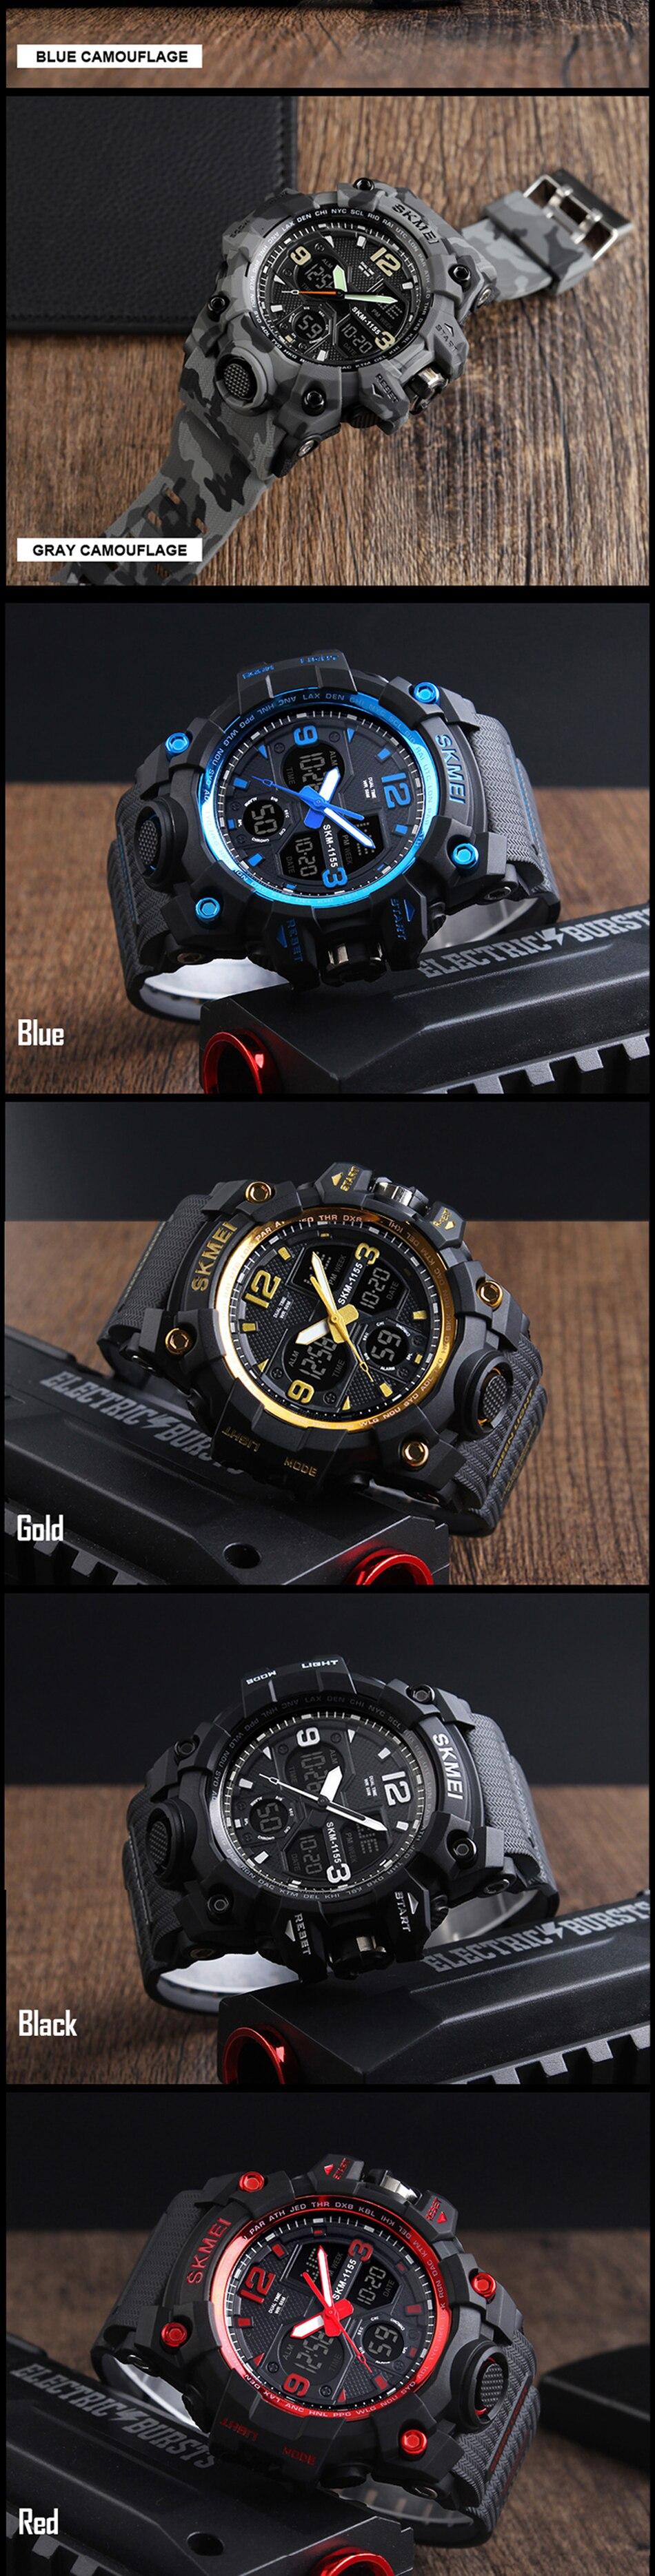 digital watch (8)